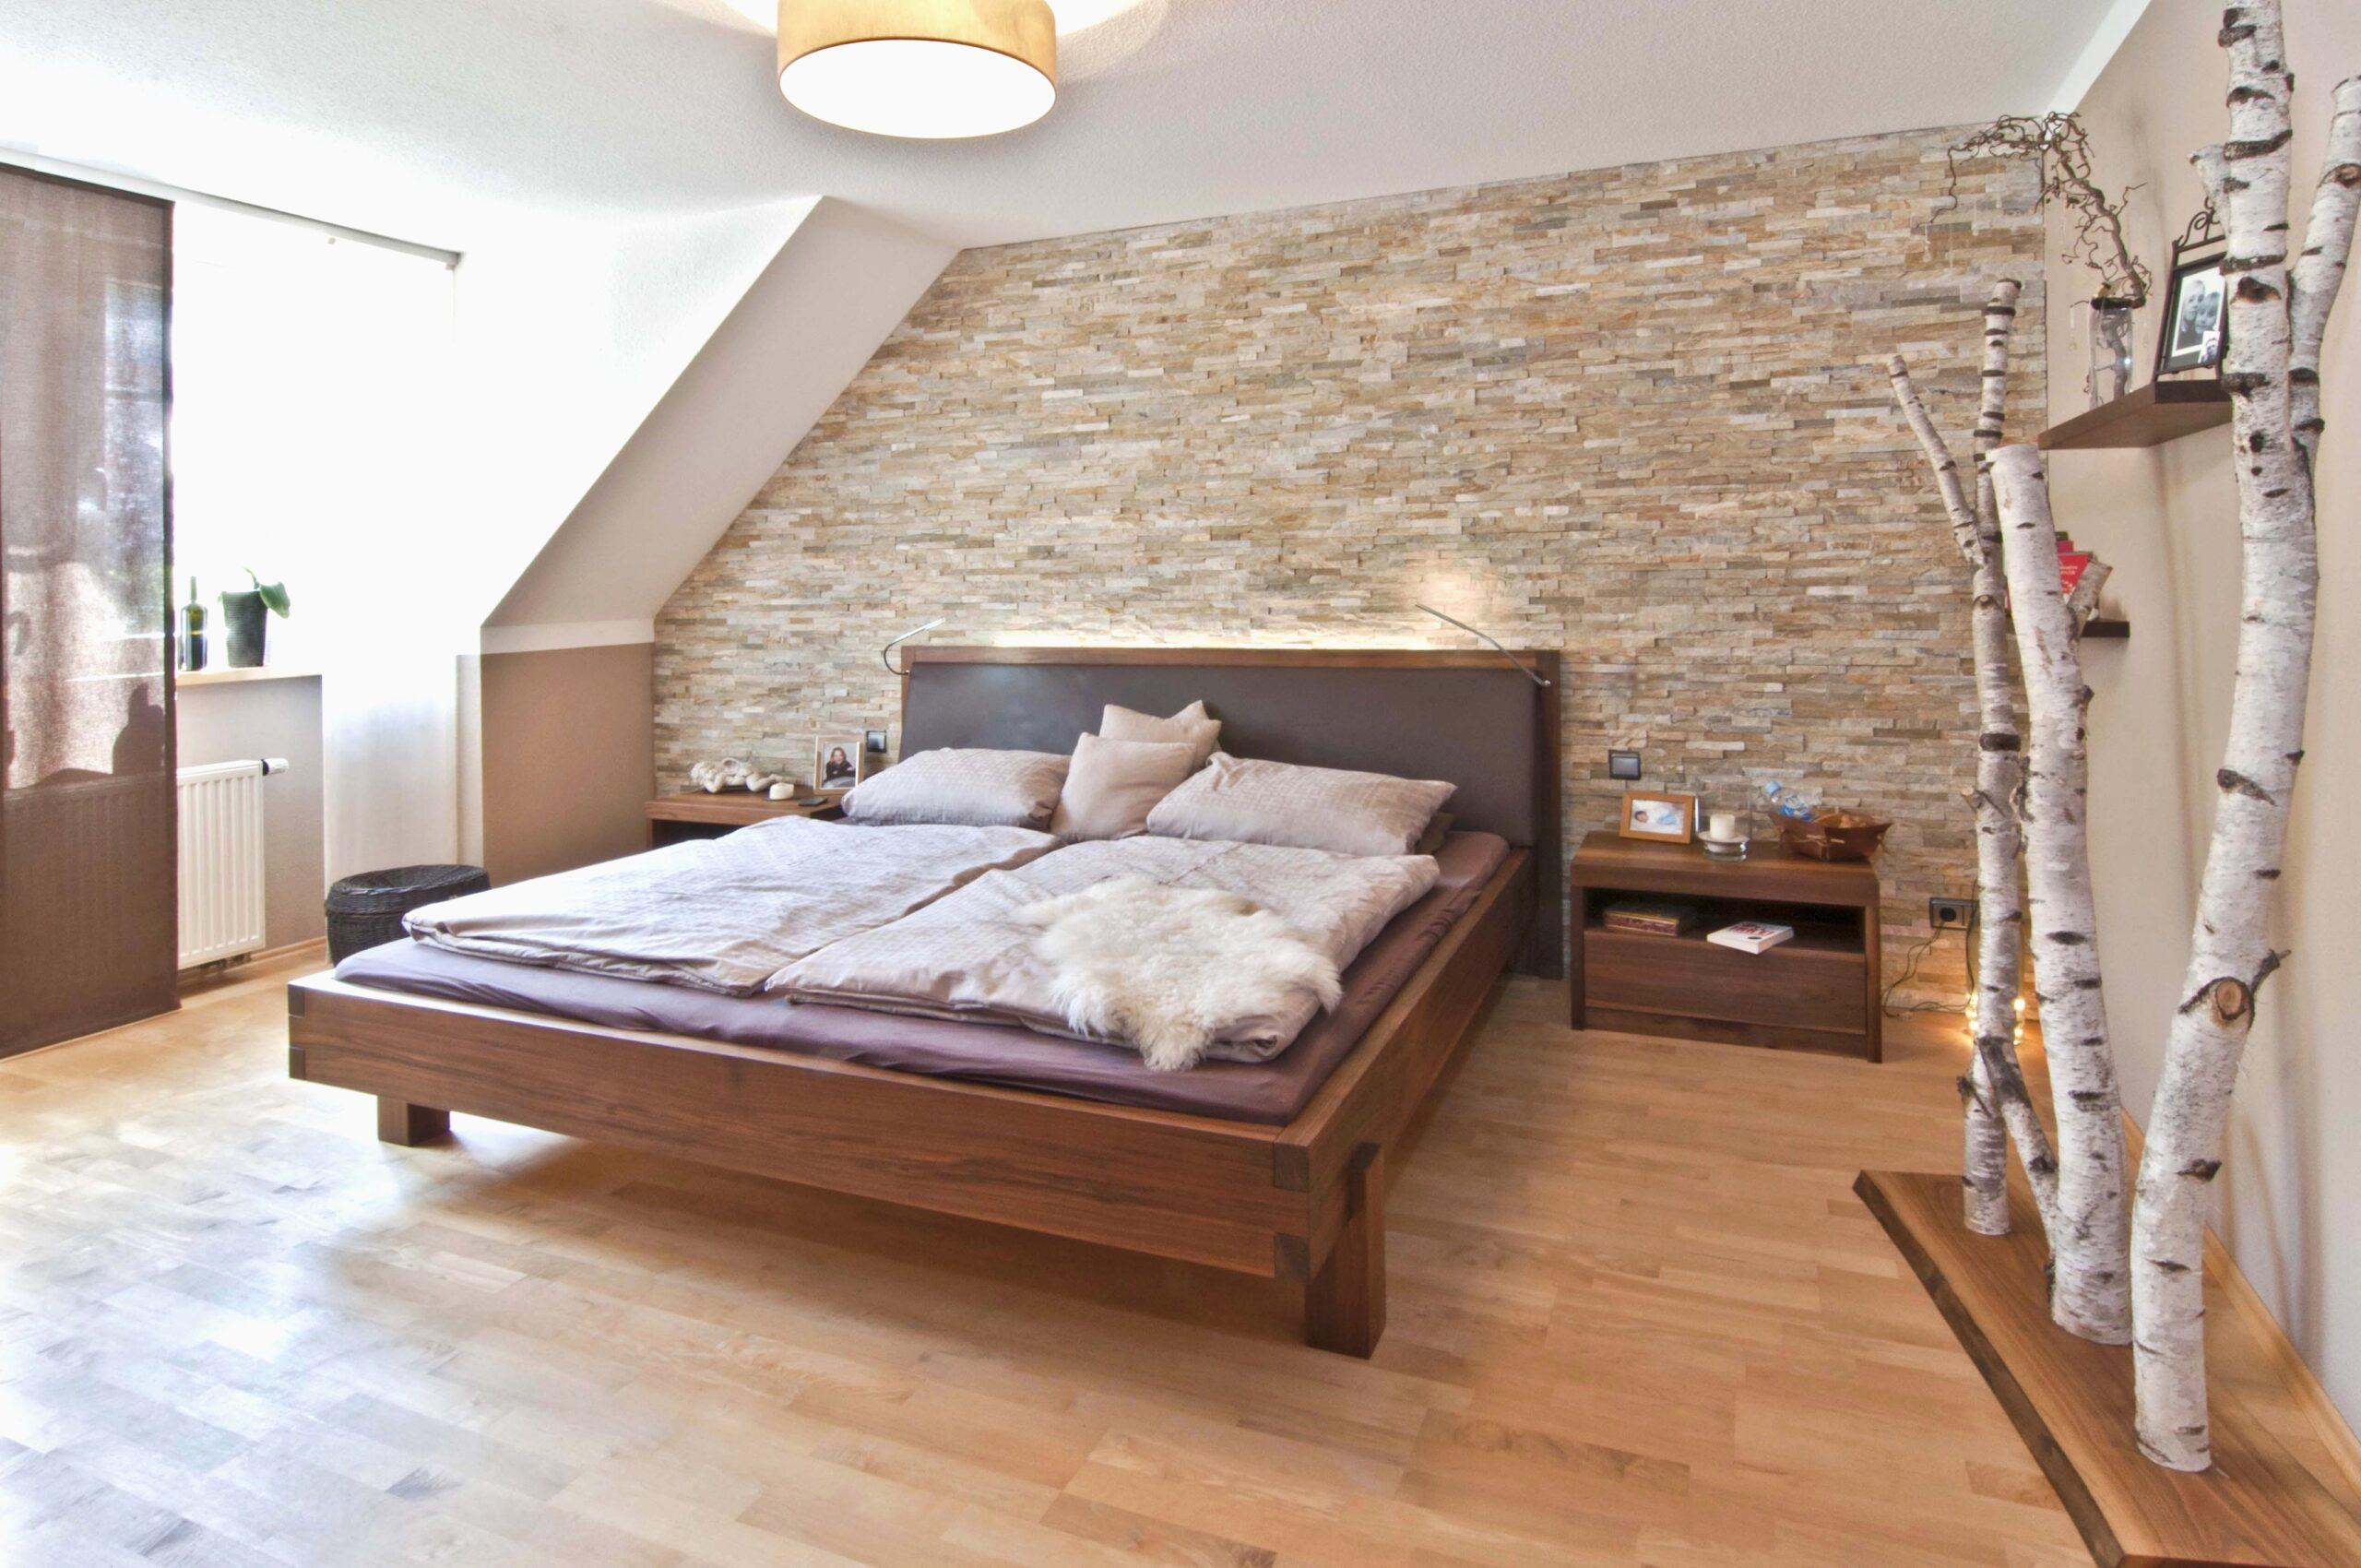 Full Size of Wanddeko Schlafzimmer Bilder Selber Machen Amazon Diy Pinterest Wanddekoration Ideen Modern Moderne Holz Metall Deckenlampe Komplett Massivholz Mit Lattenrost Wohnzimmer Wanddeko Schlafzimmer